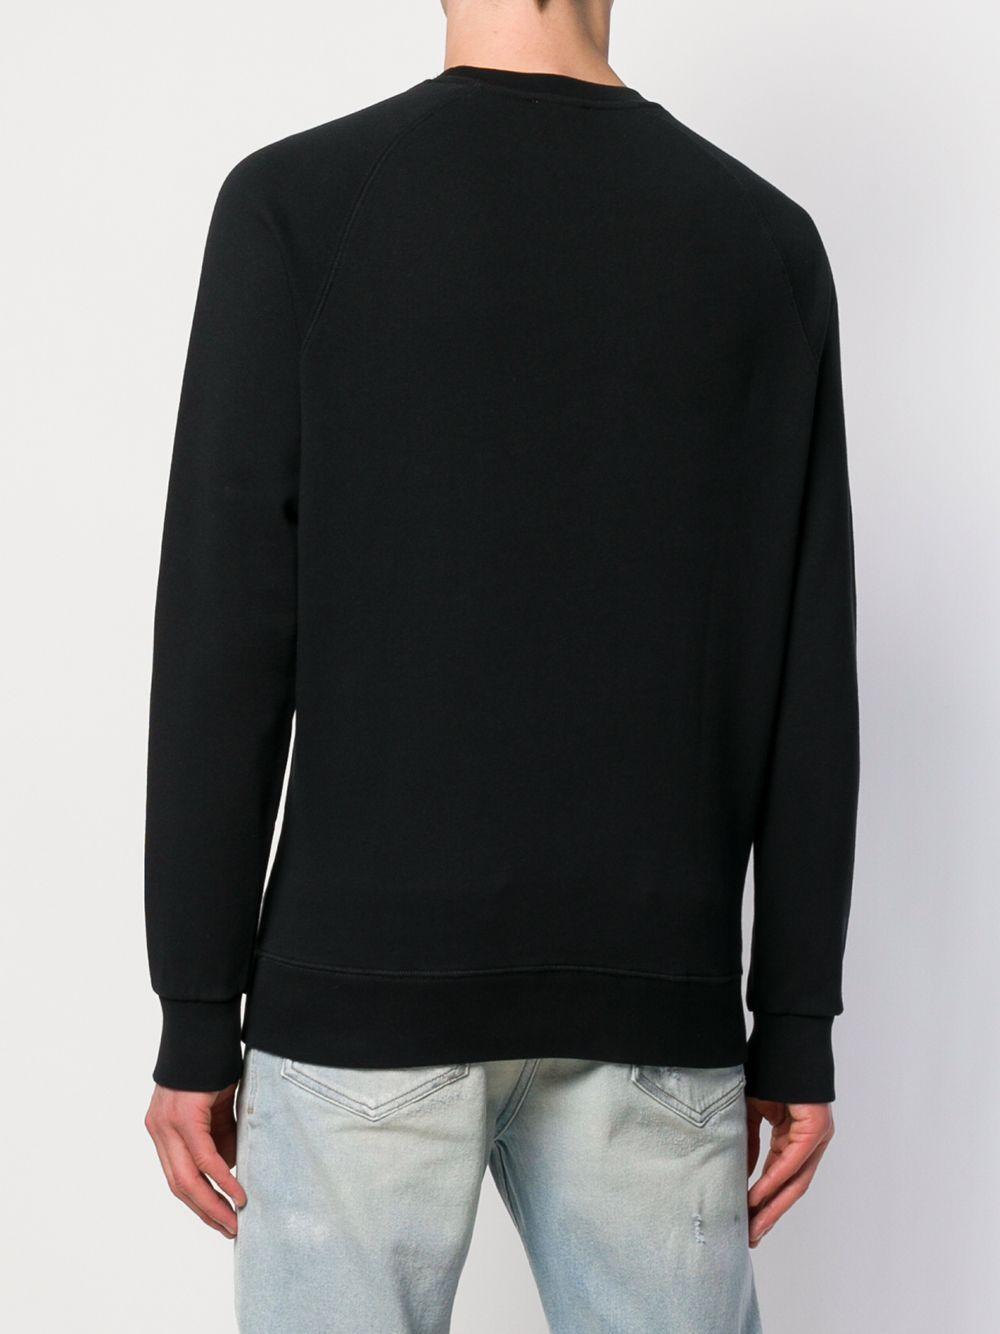 67c45d4e5a51 Lyst - Maison Kitsuné Palais Royal Sweatshirt in Black for Men